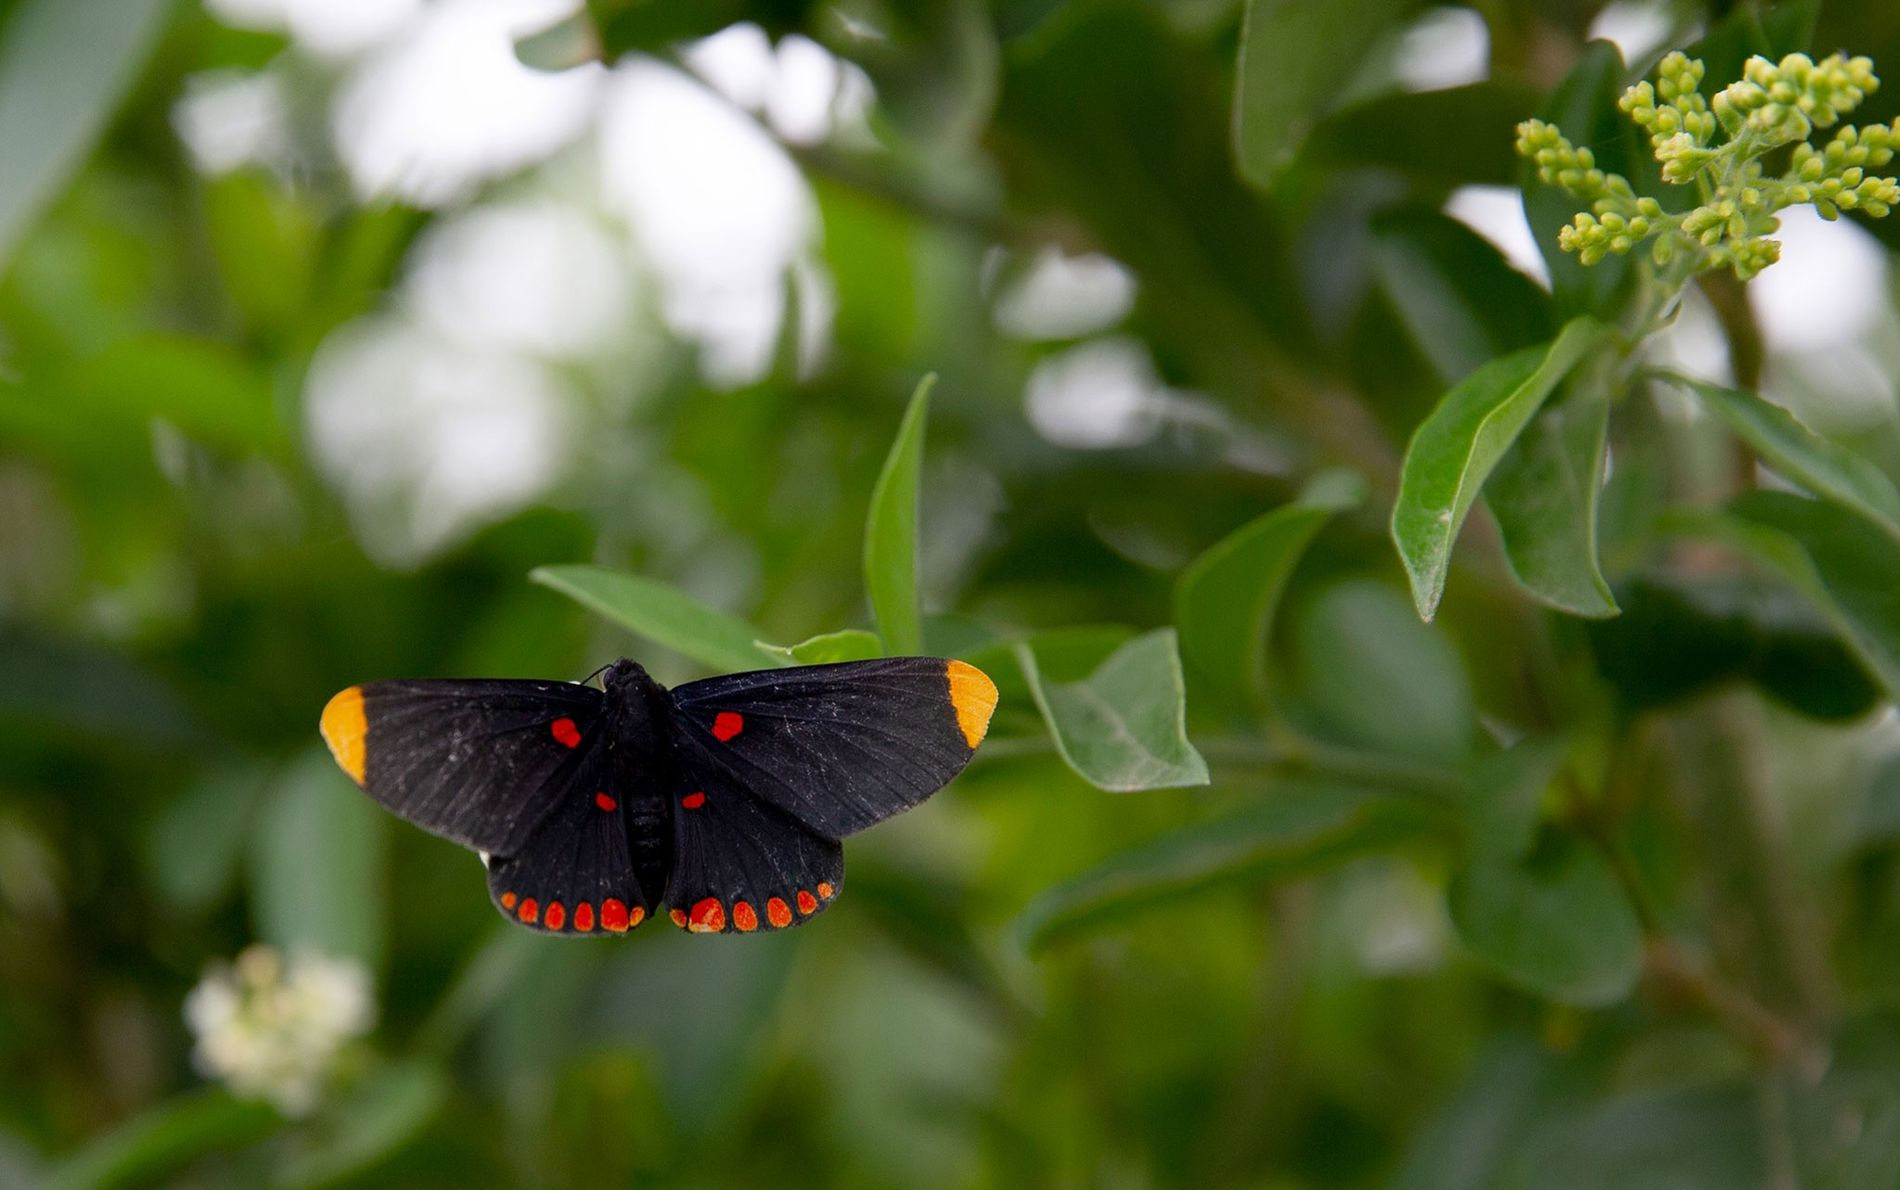 Ein Schmetterling der Art Melanis pixe ruht sich im National Butterfly Center in Mission, Texas, aus. ...